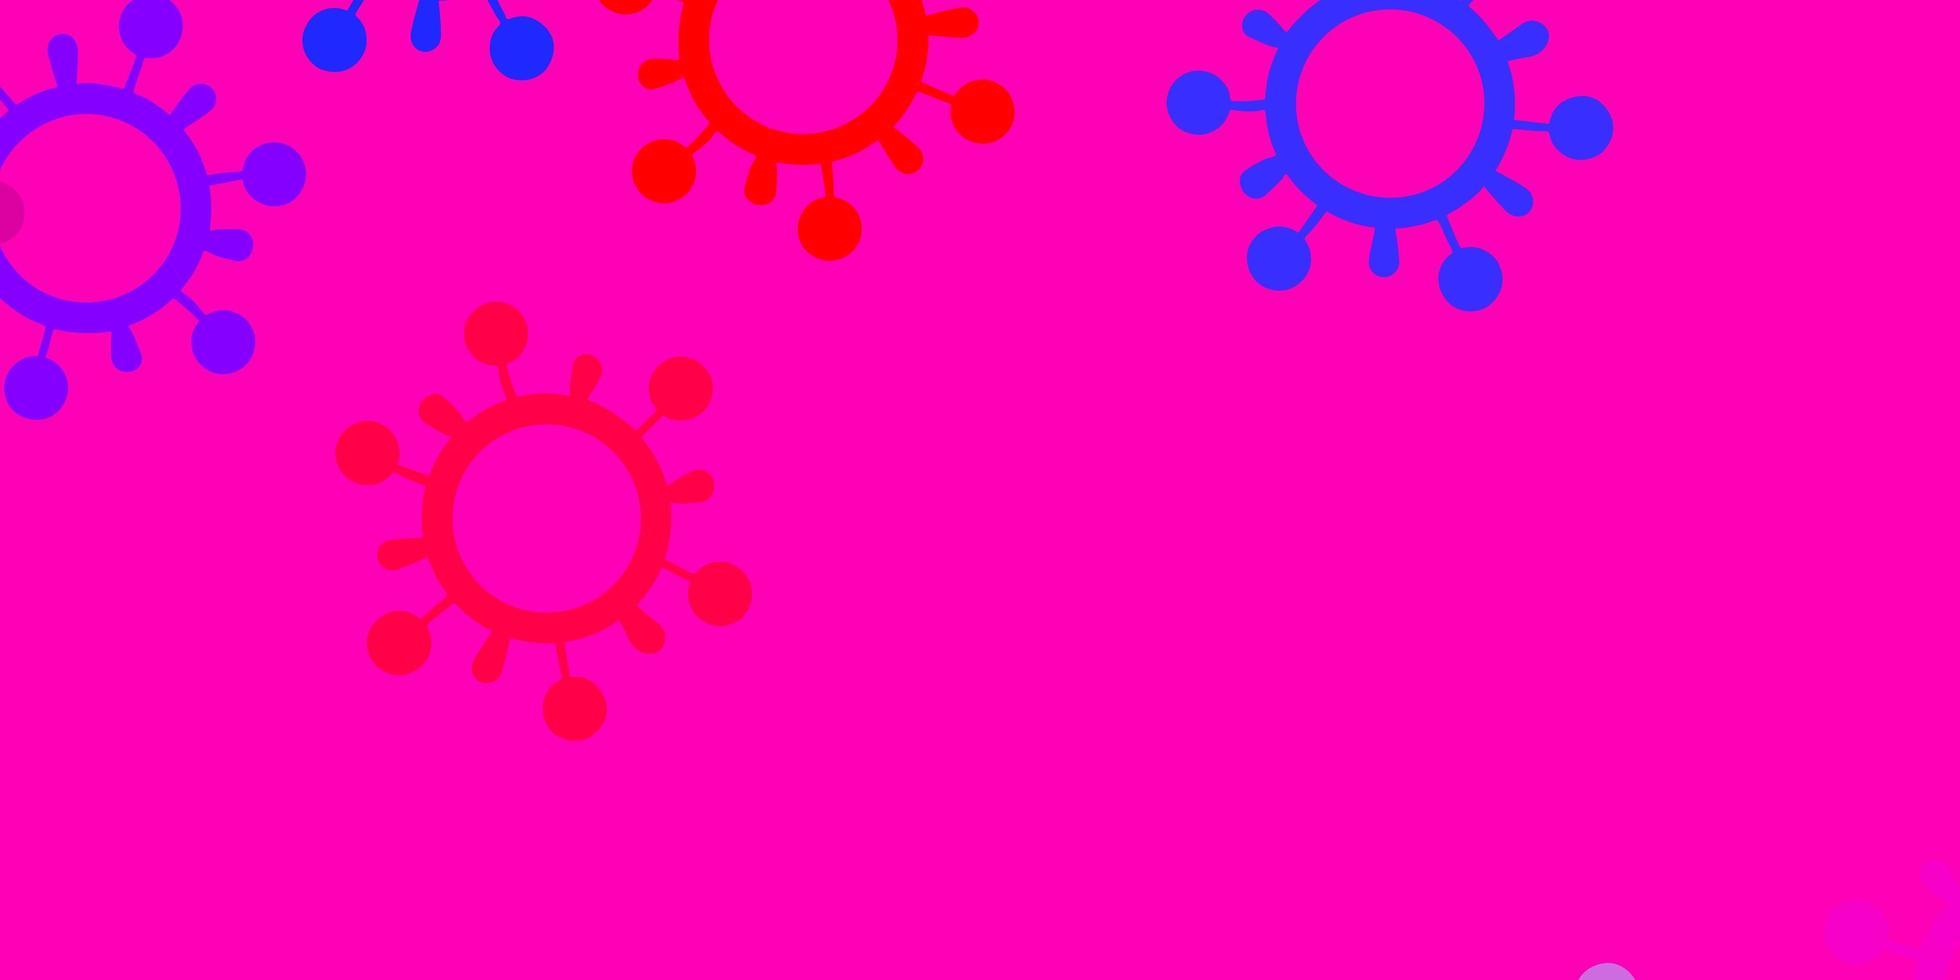 fundo vector azul e vermelho claro com símbolos covid-19.